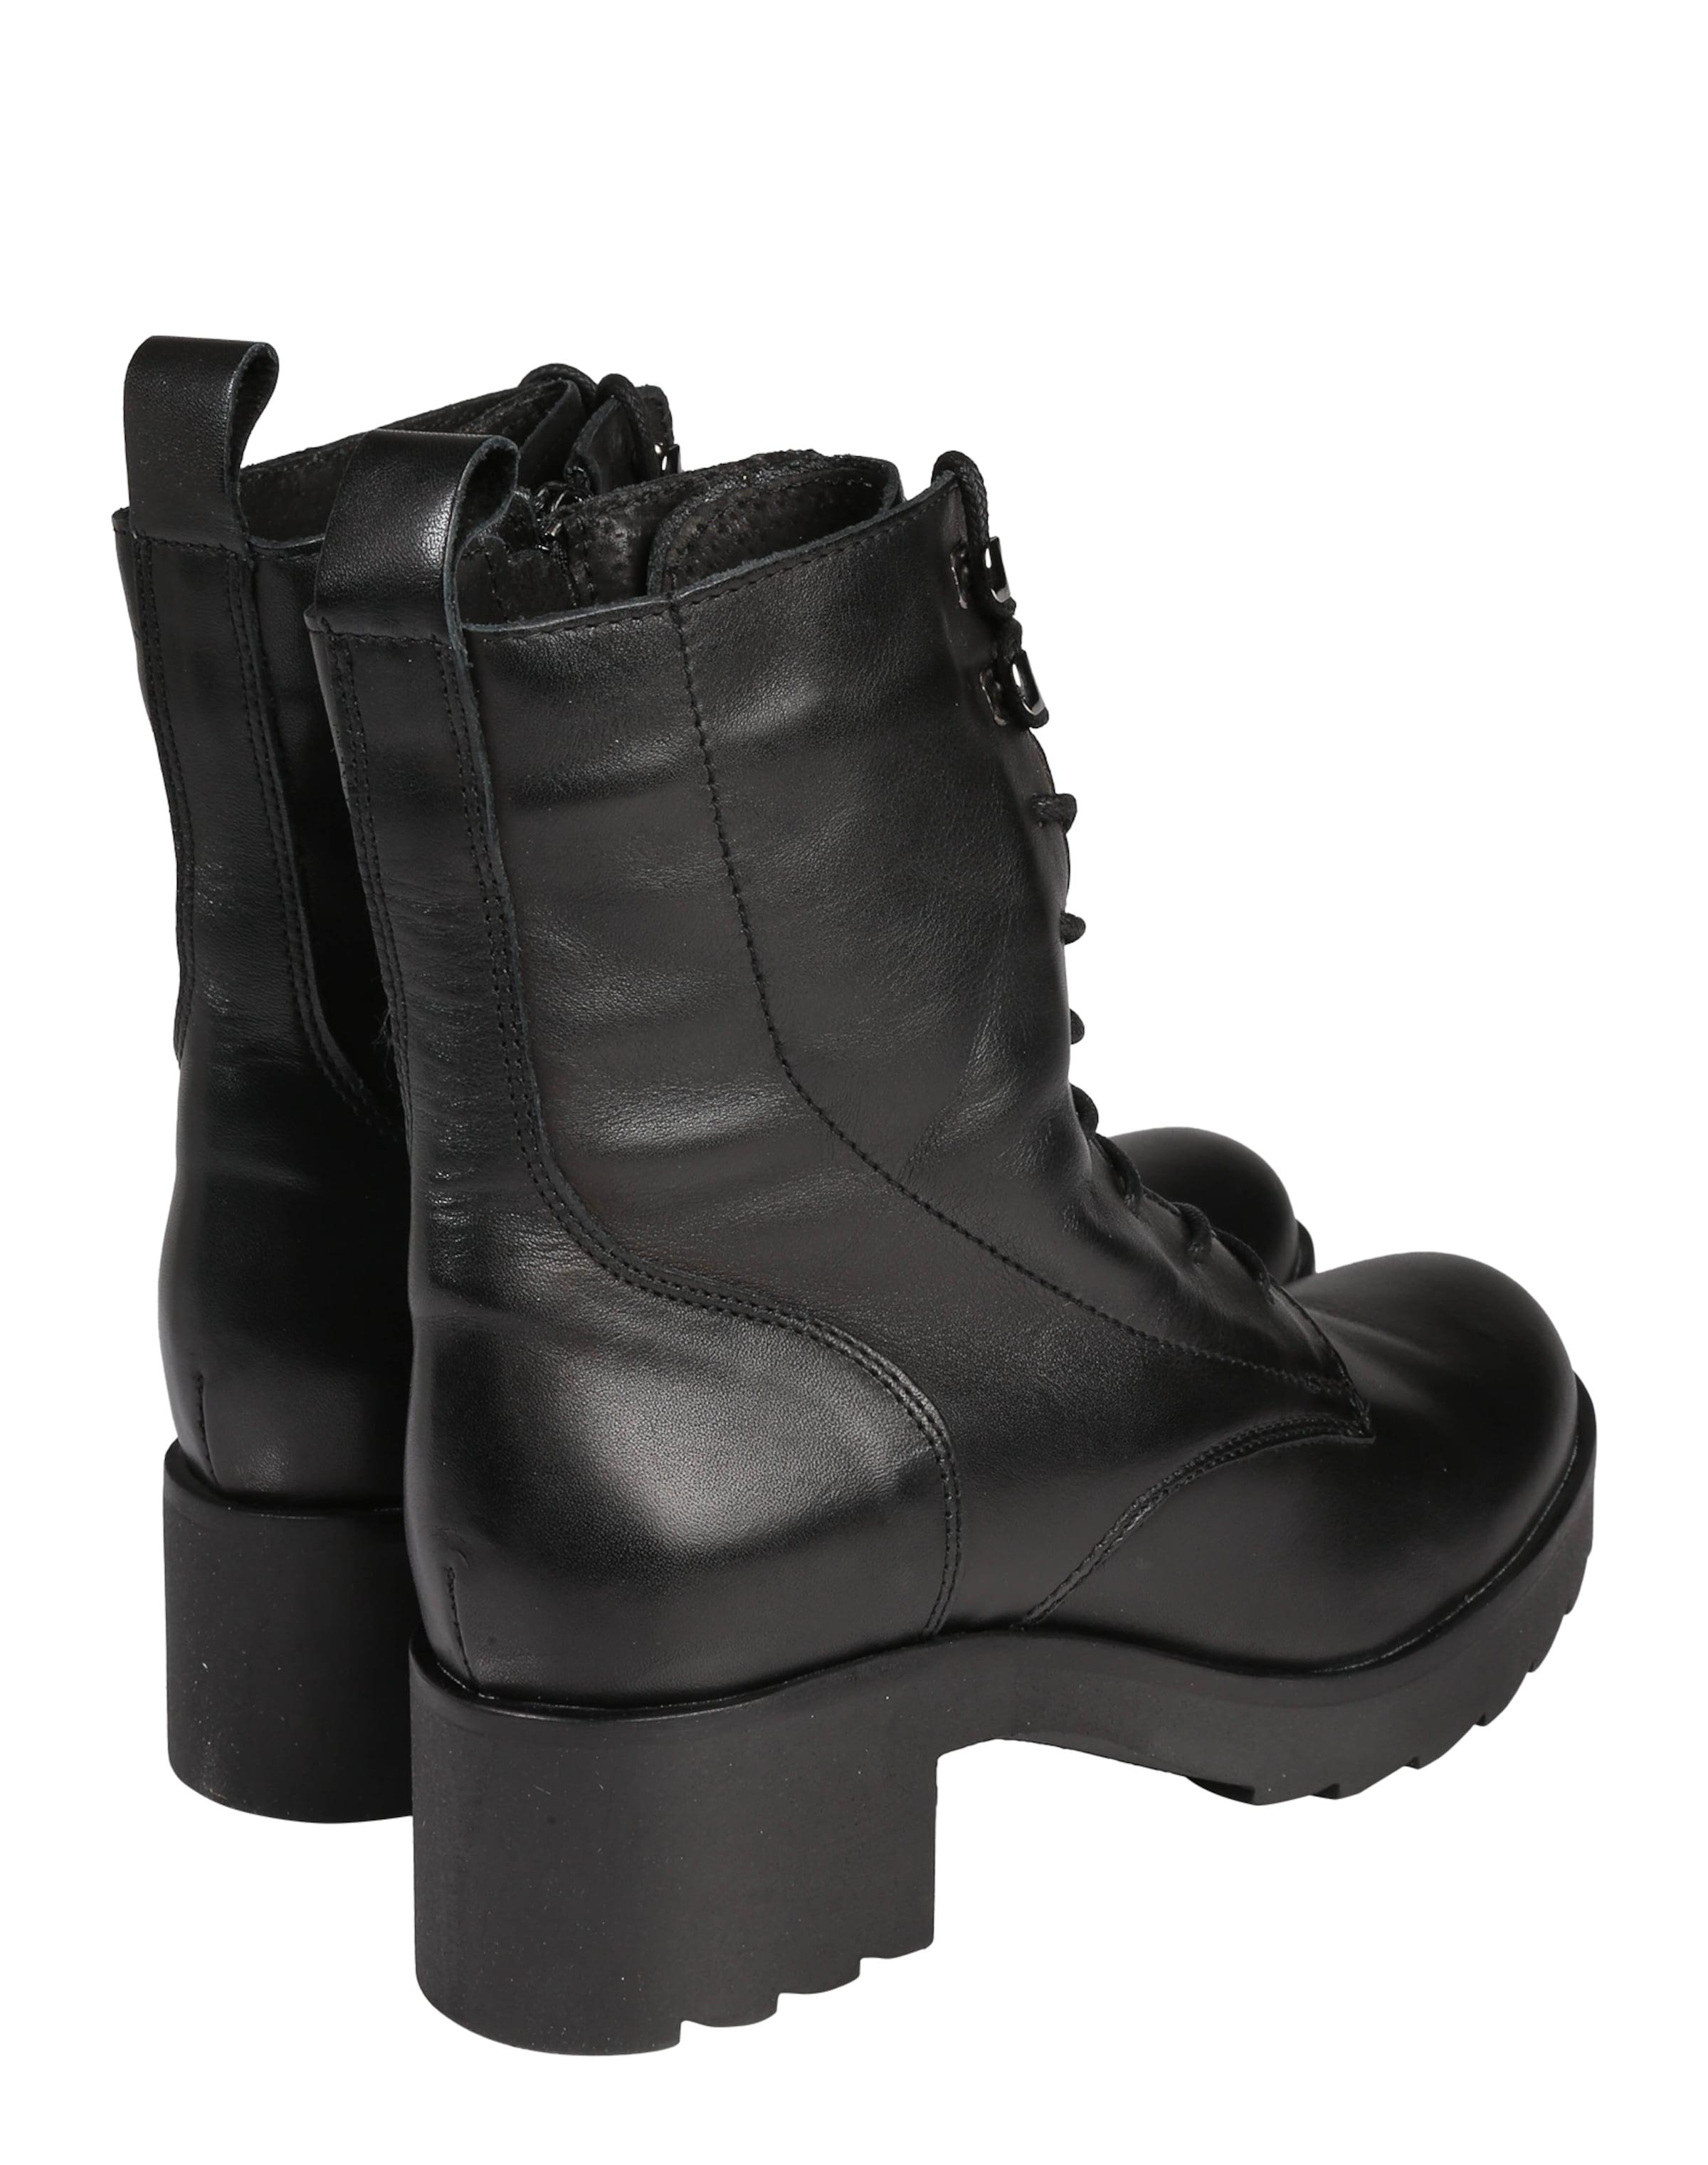 Zign Leder Schnürstiefel Mode-Stil Zu Verkaufen Günstigste Online-Verkauf Billig Verkauf Blick Spielraum Store Günstiger Preis Billig Verkauf Kauf IyTcmc